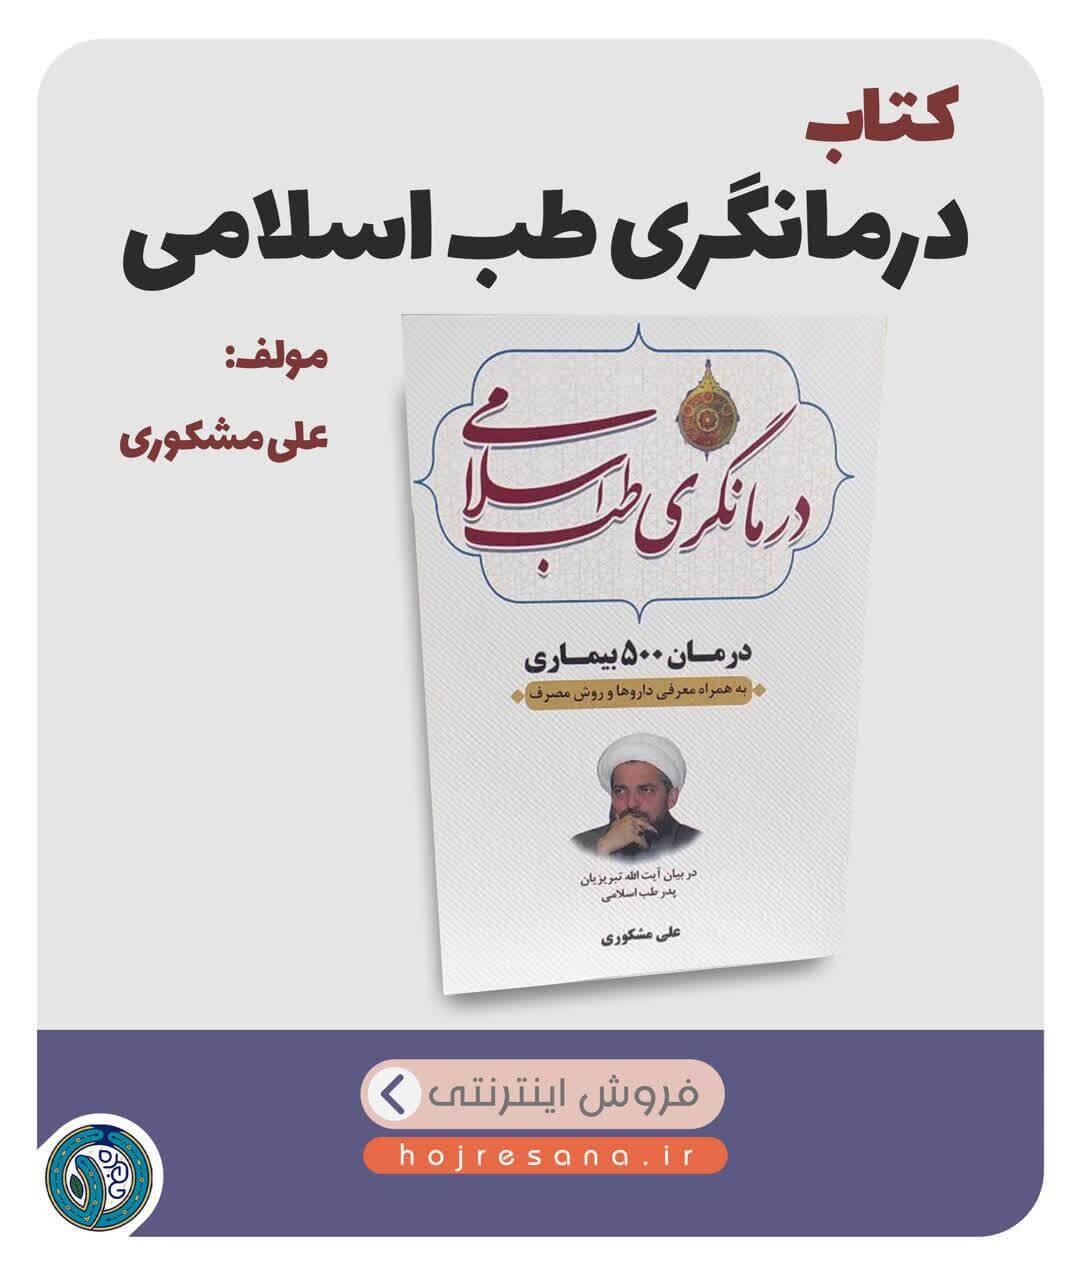 کتاب درمانگری طب اسلامی